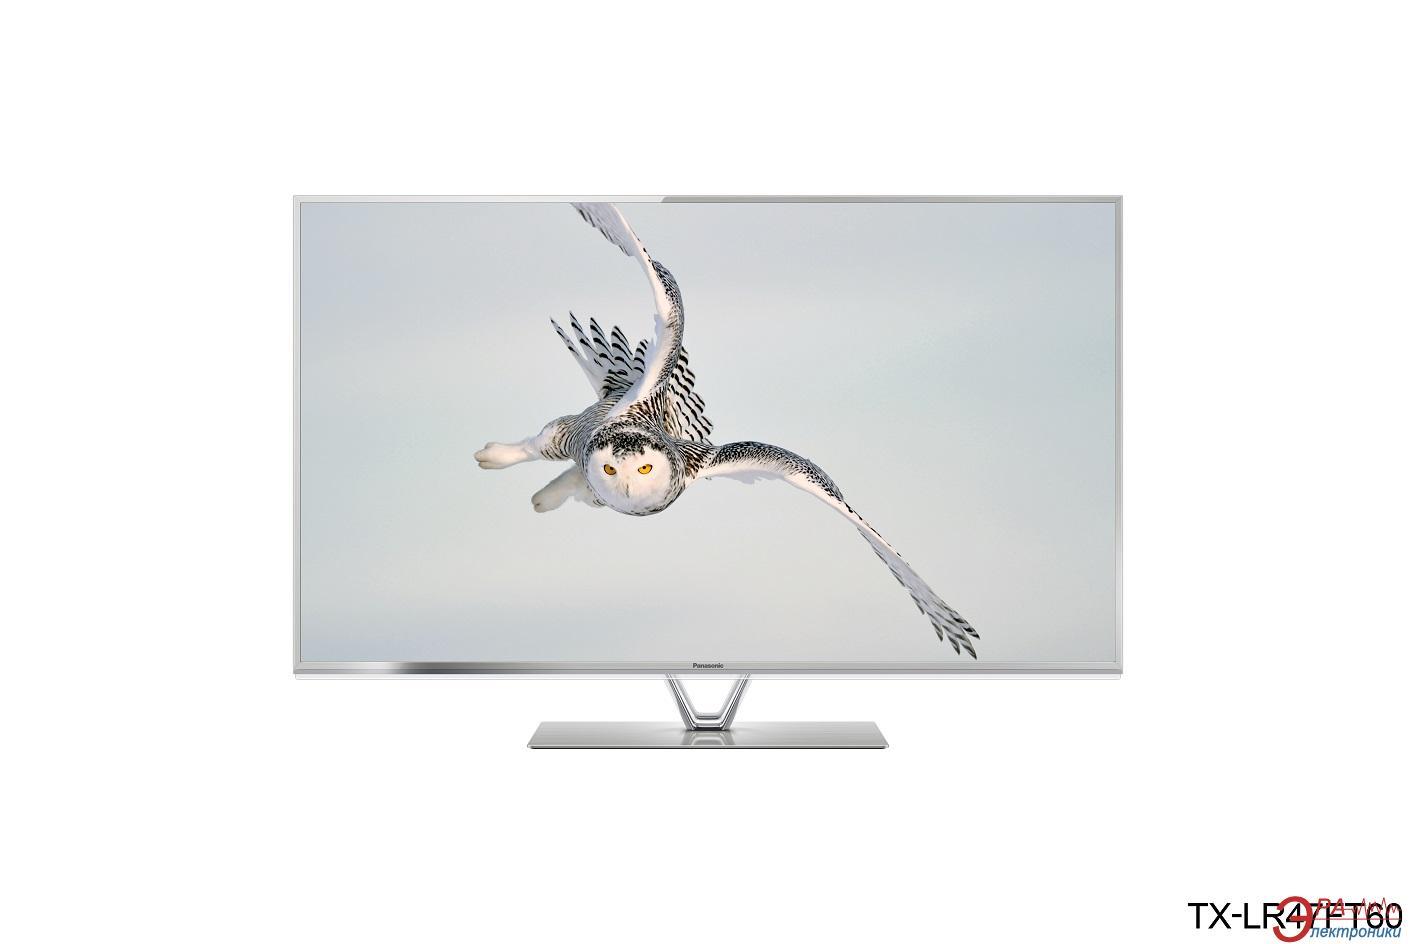 3D LED Телевизор 47 Panasonic TX-LR47FT60